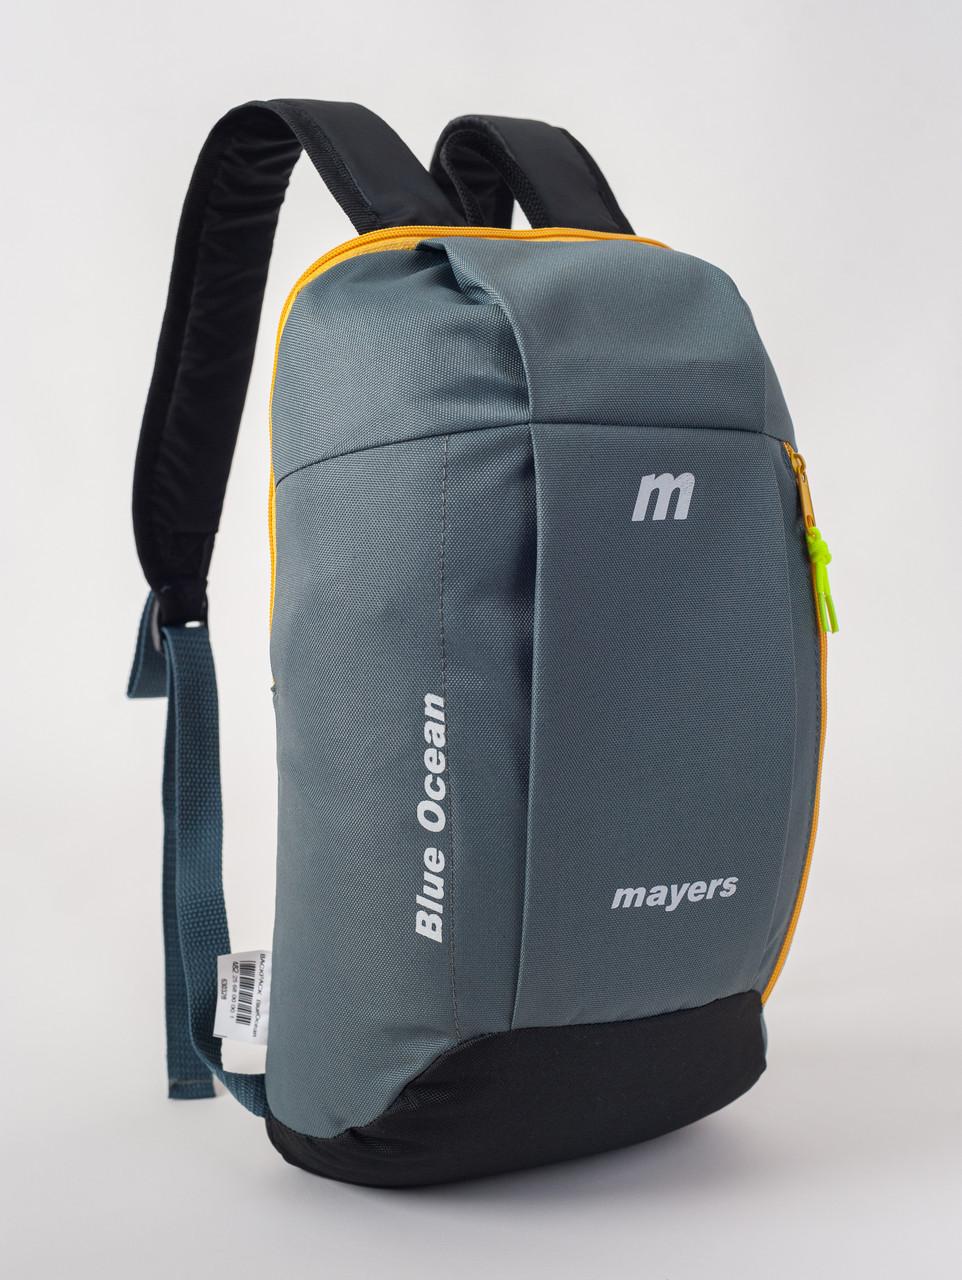 Спортивный рюкзак MAYERS 10L, серый+черный/желтая молния, фото 2